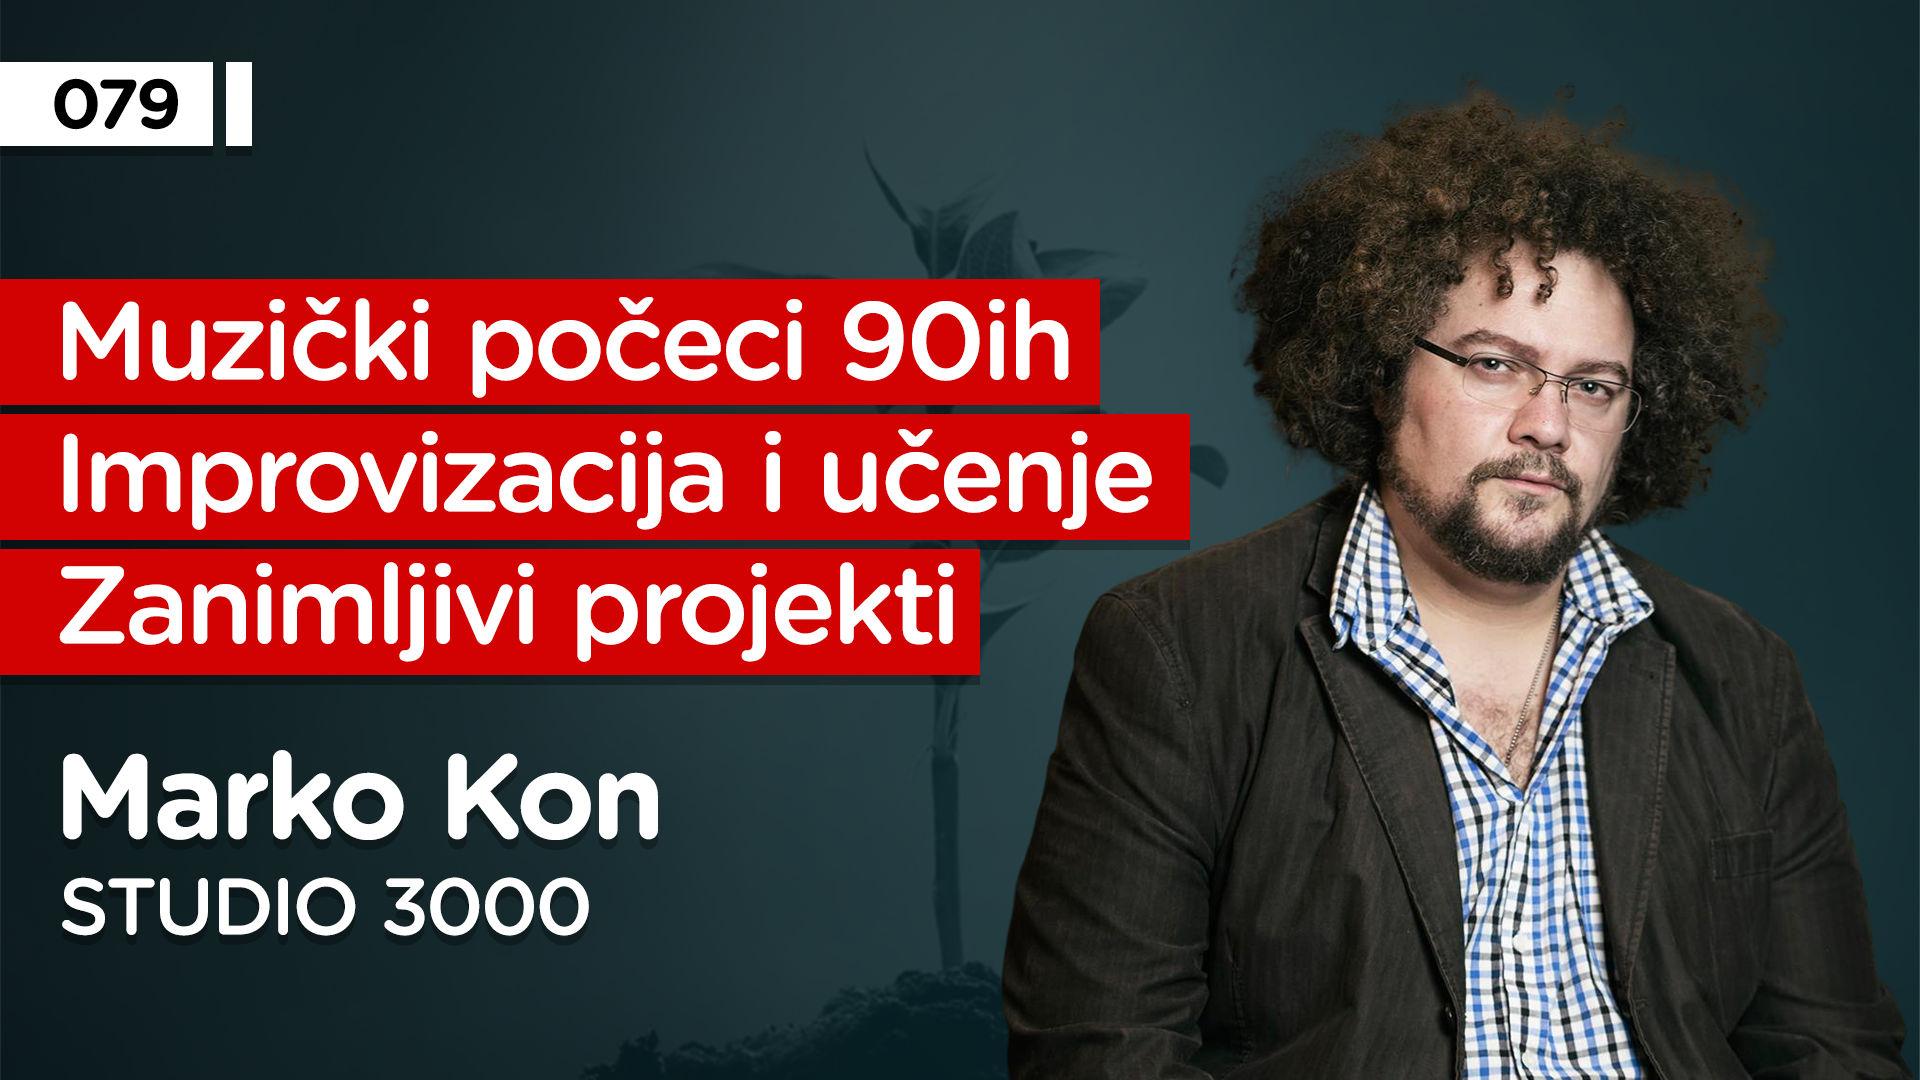 EP079: Marko Kon